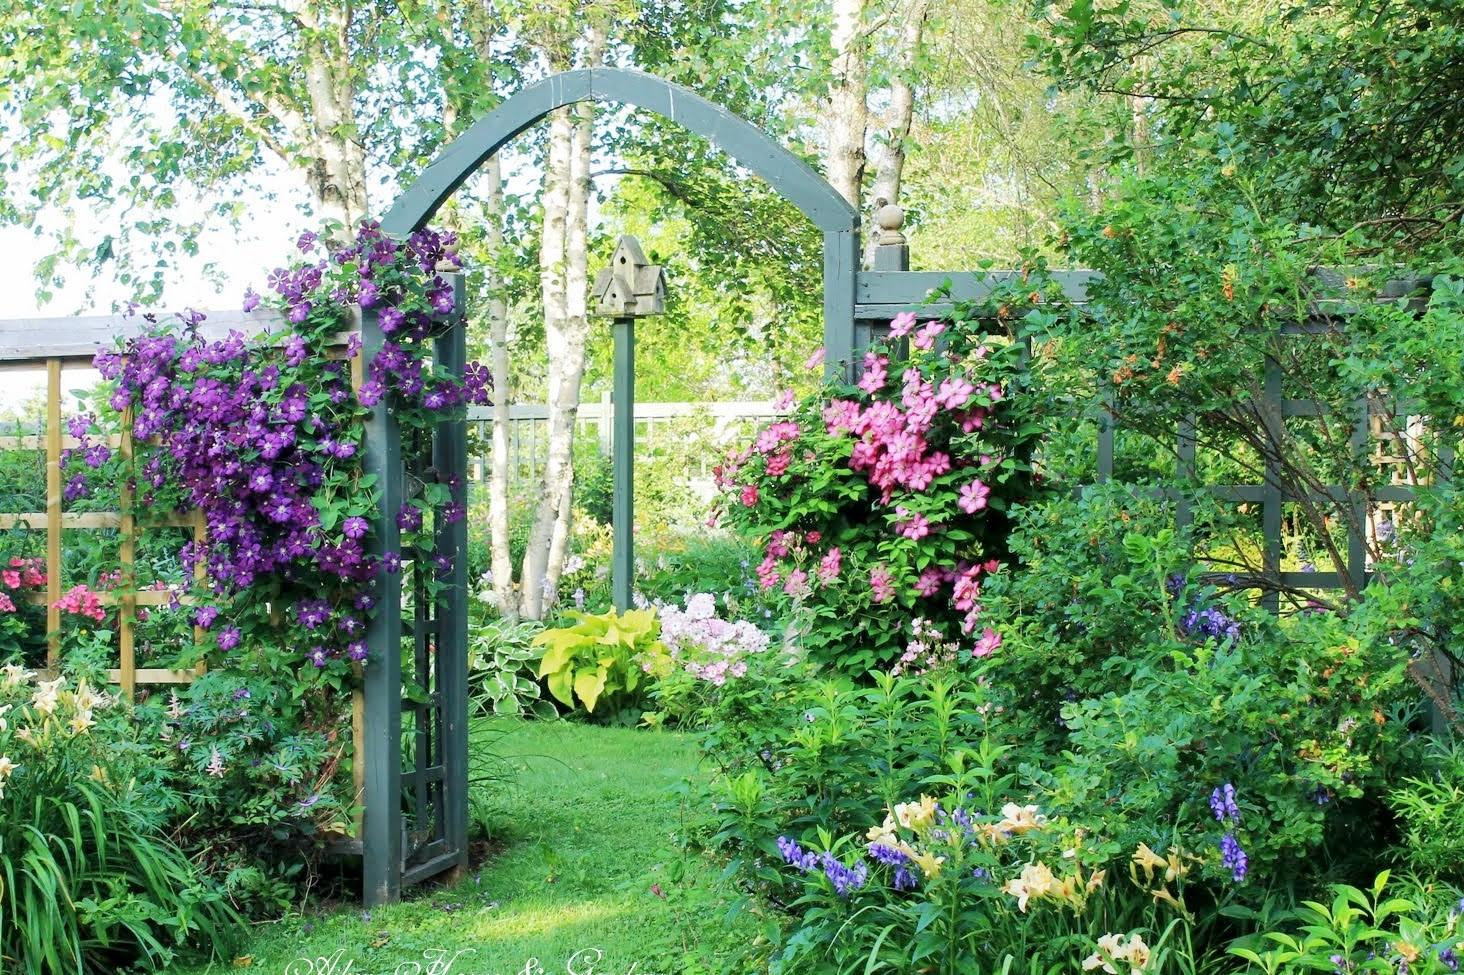 Záhrada,ktorá ťa nikdy neomrzí...divoká a krásna - Obrázok č. 42